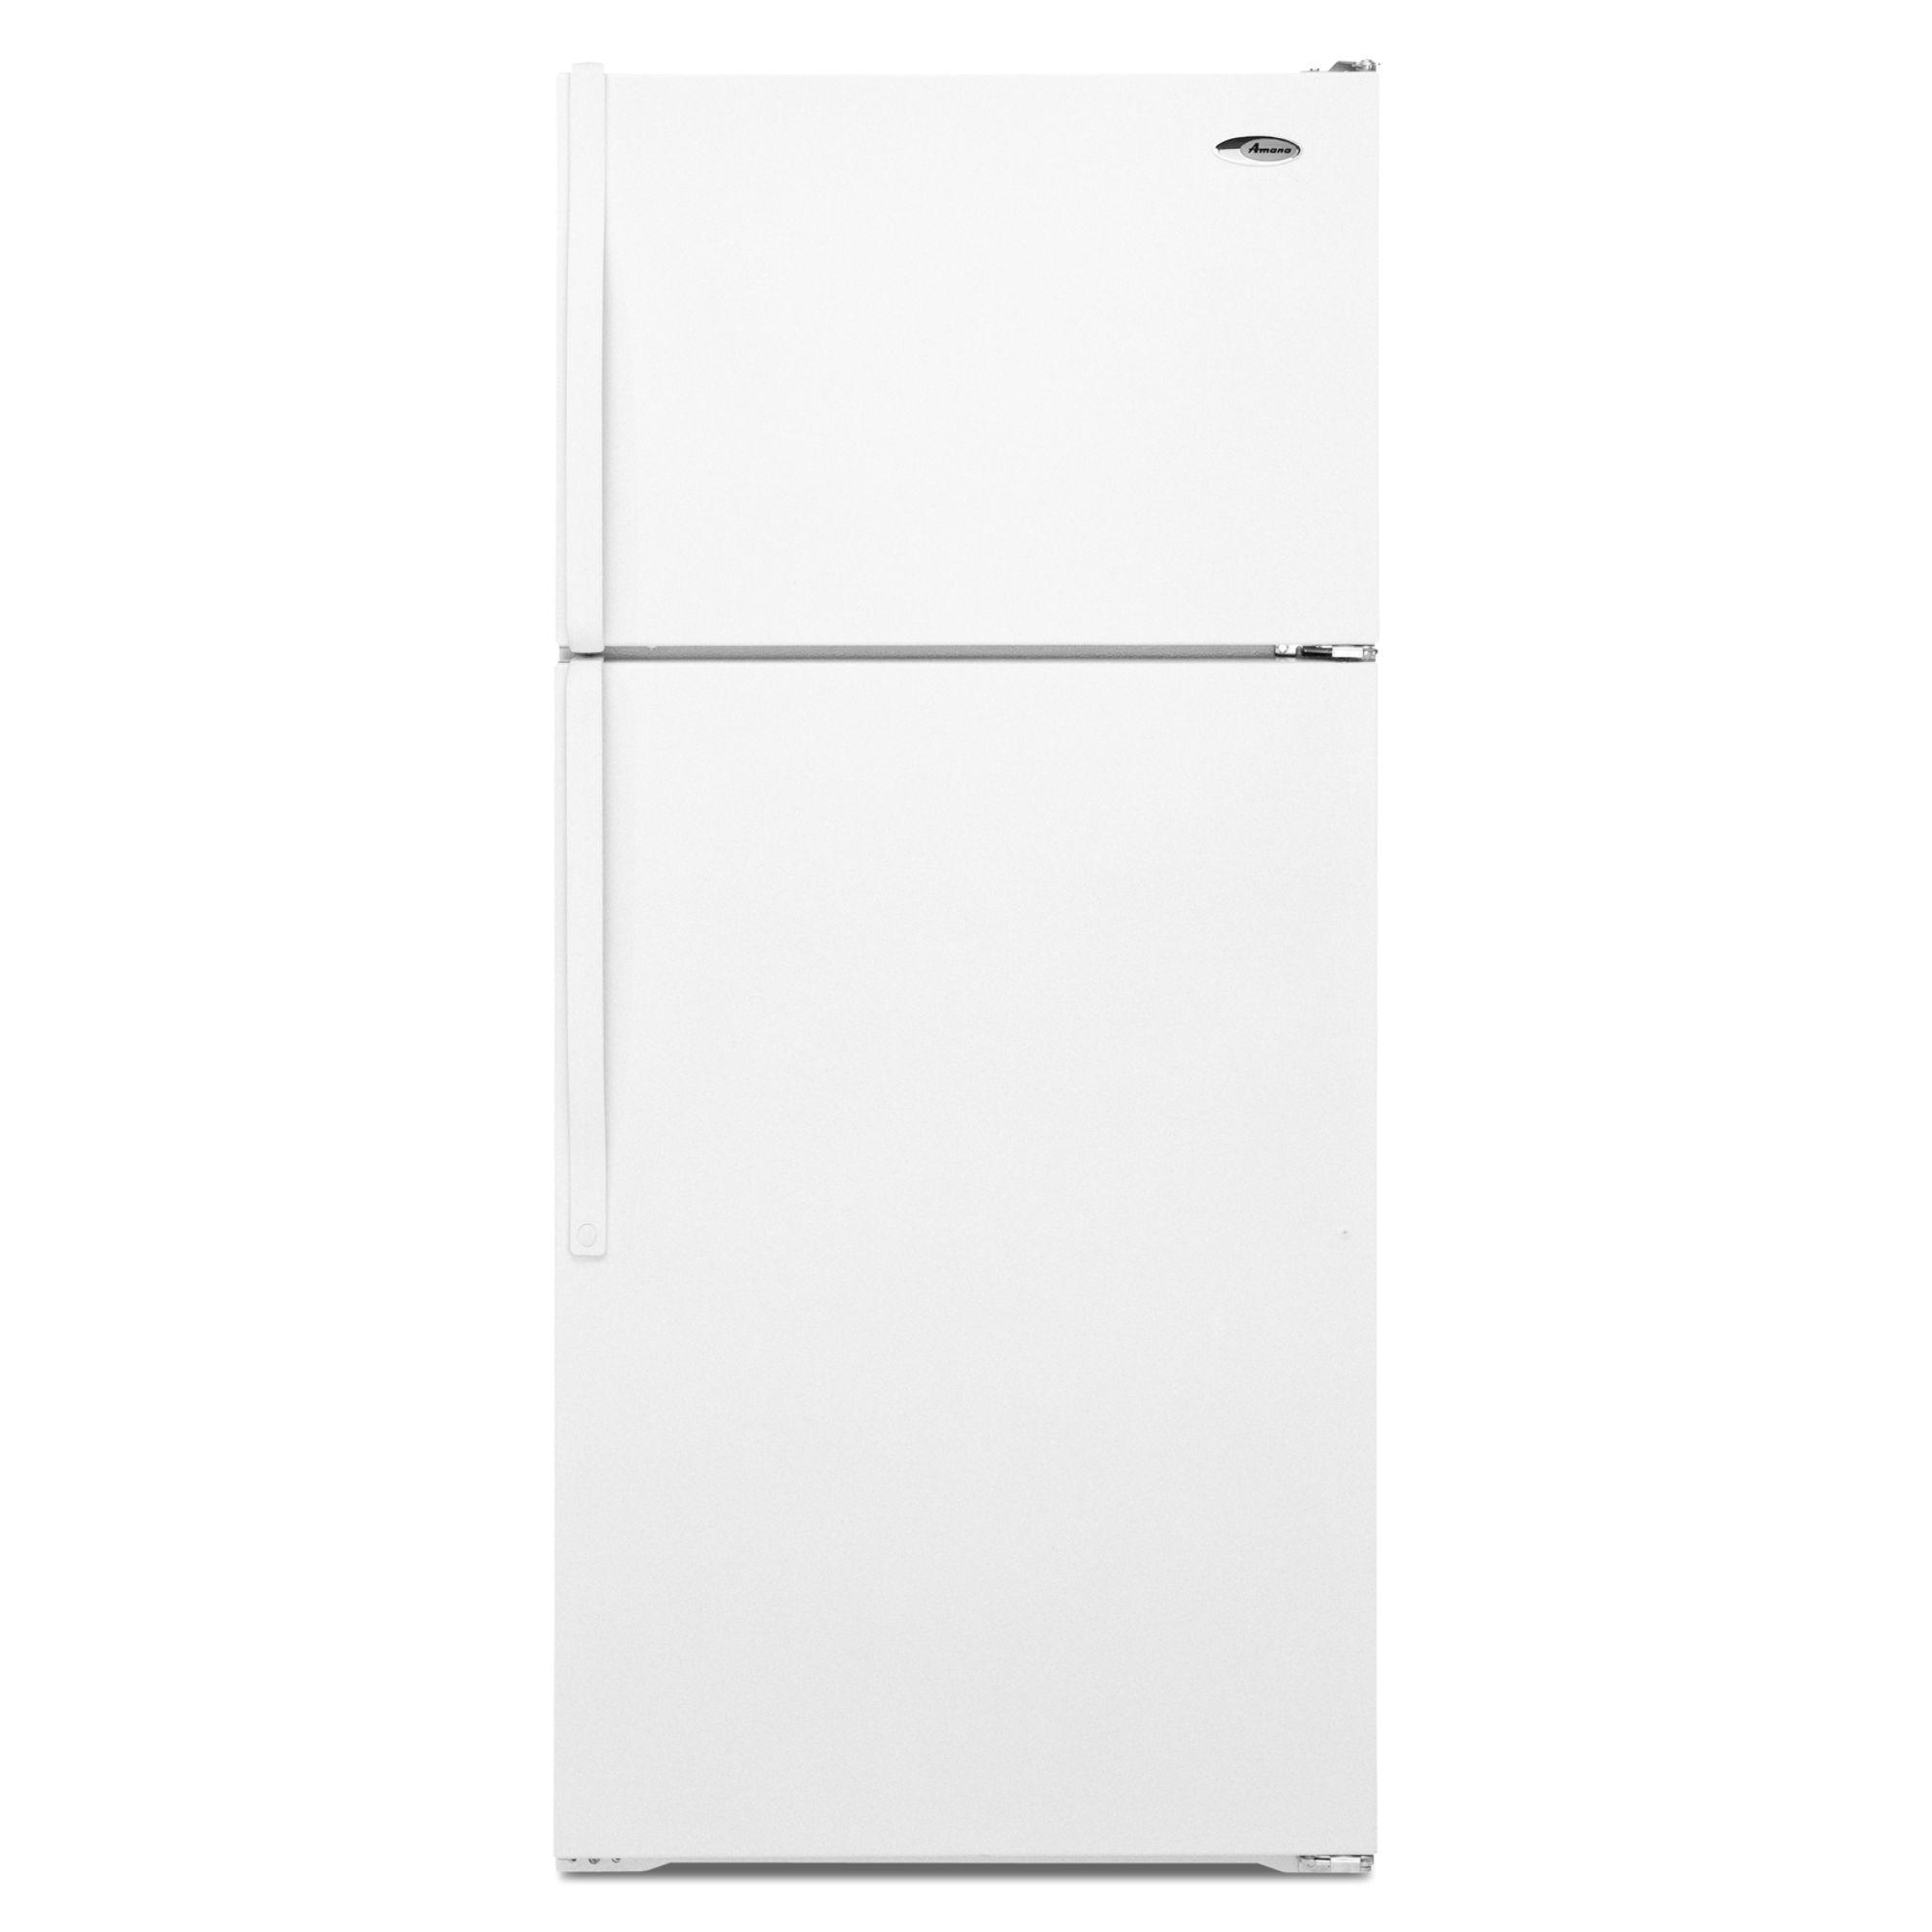 wiring diagram amana refrigerator wiring image amana refrigerator wiring diagram wiring diagrams on wiring diagram amana refrigerator